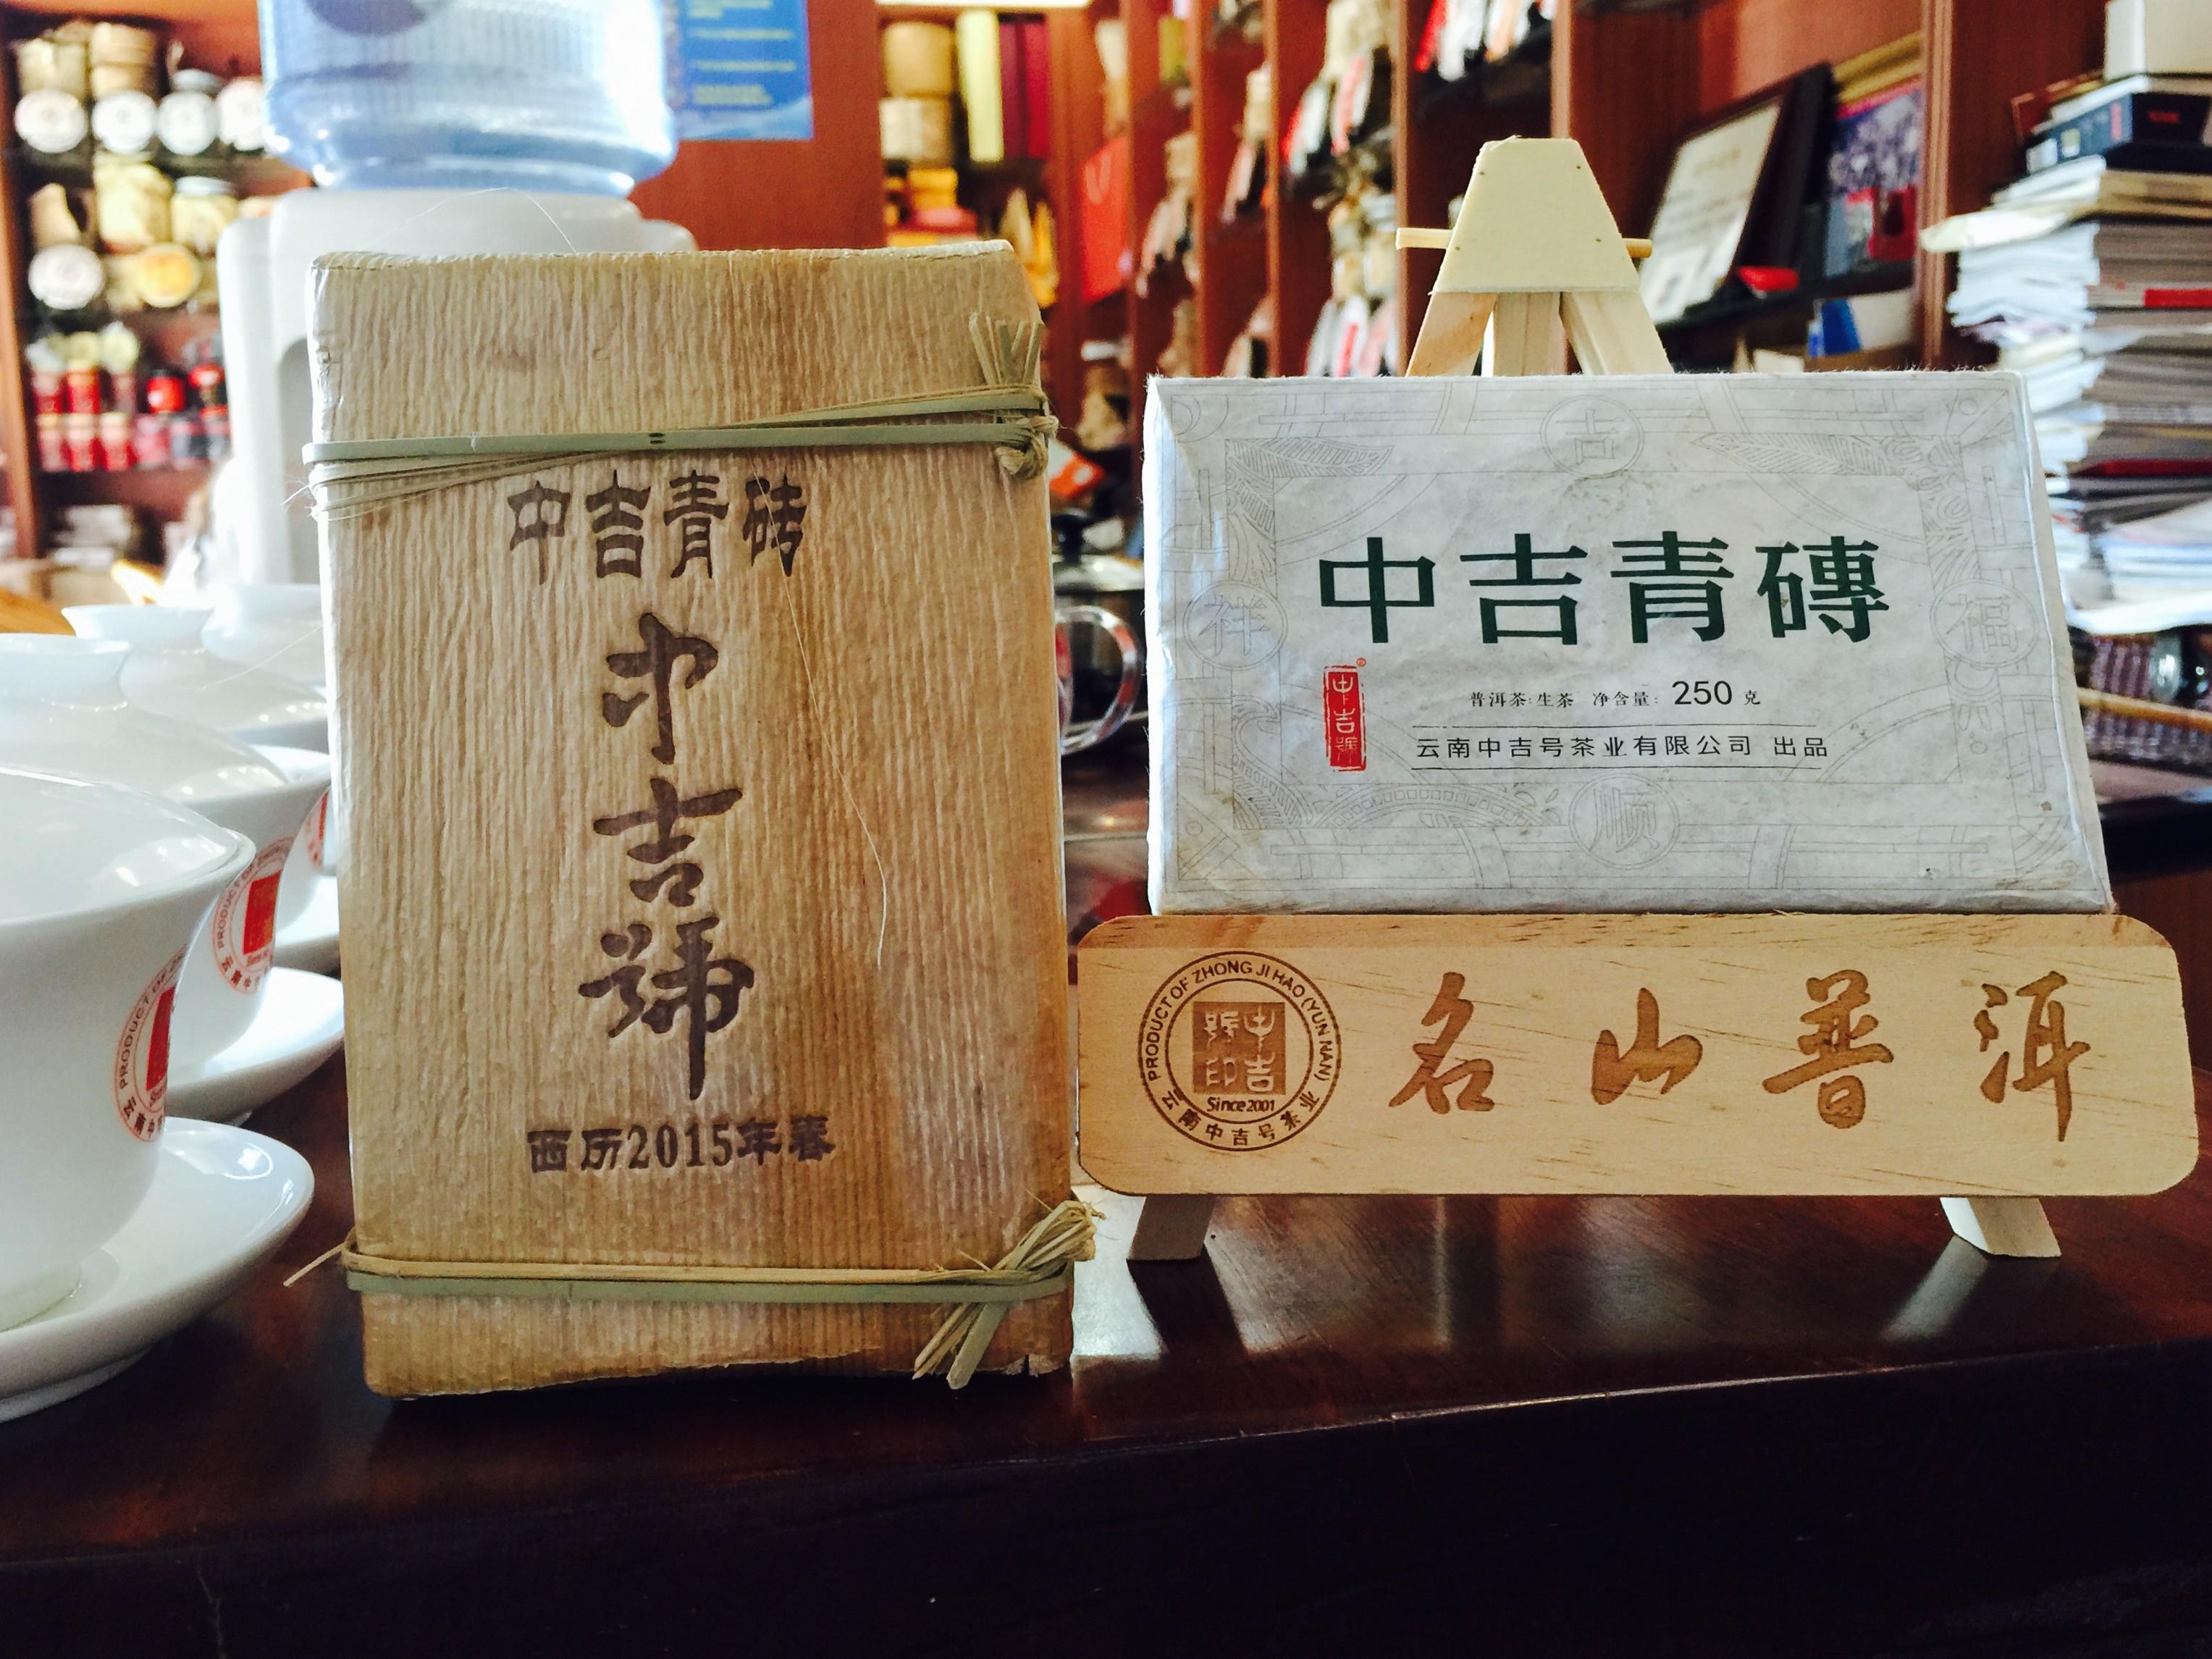 中吉号古树茶 - 中吉青砖2015